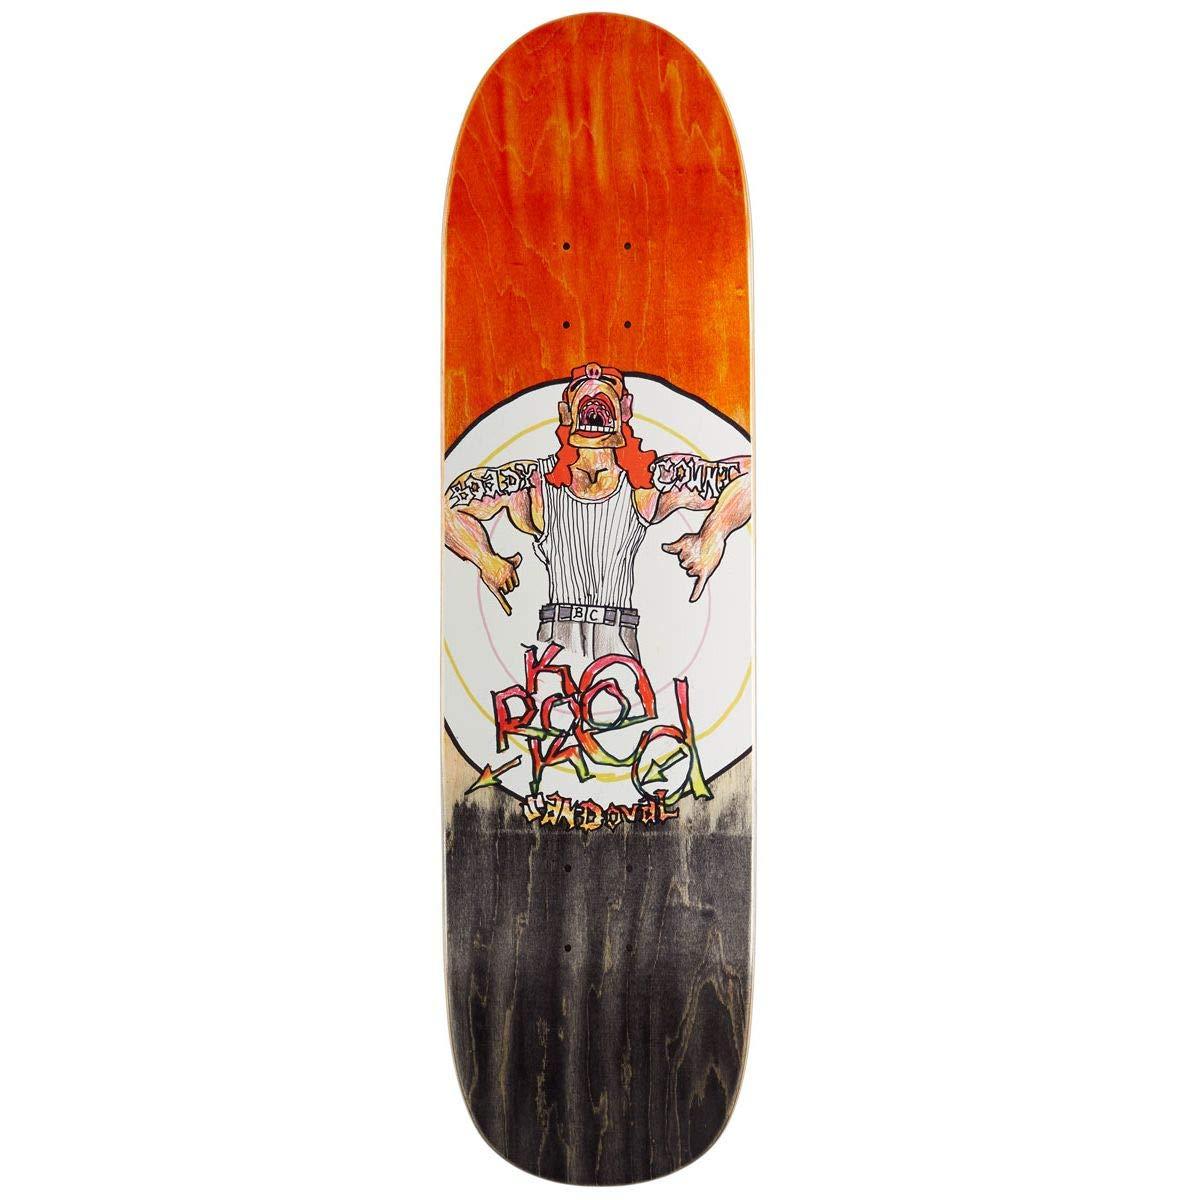 【お買得!】 KROOKED (クルキッド) SANDOVAL SANDOVAL BOADY デッキ COUNT Skateboard Skateboard Deck 8.25in x 32in スケートボード デッキ B07PVHF88K, ミイケグン:8d76519d --- kickit.co.ke